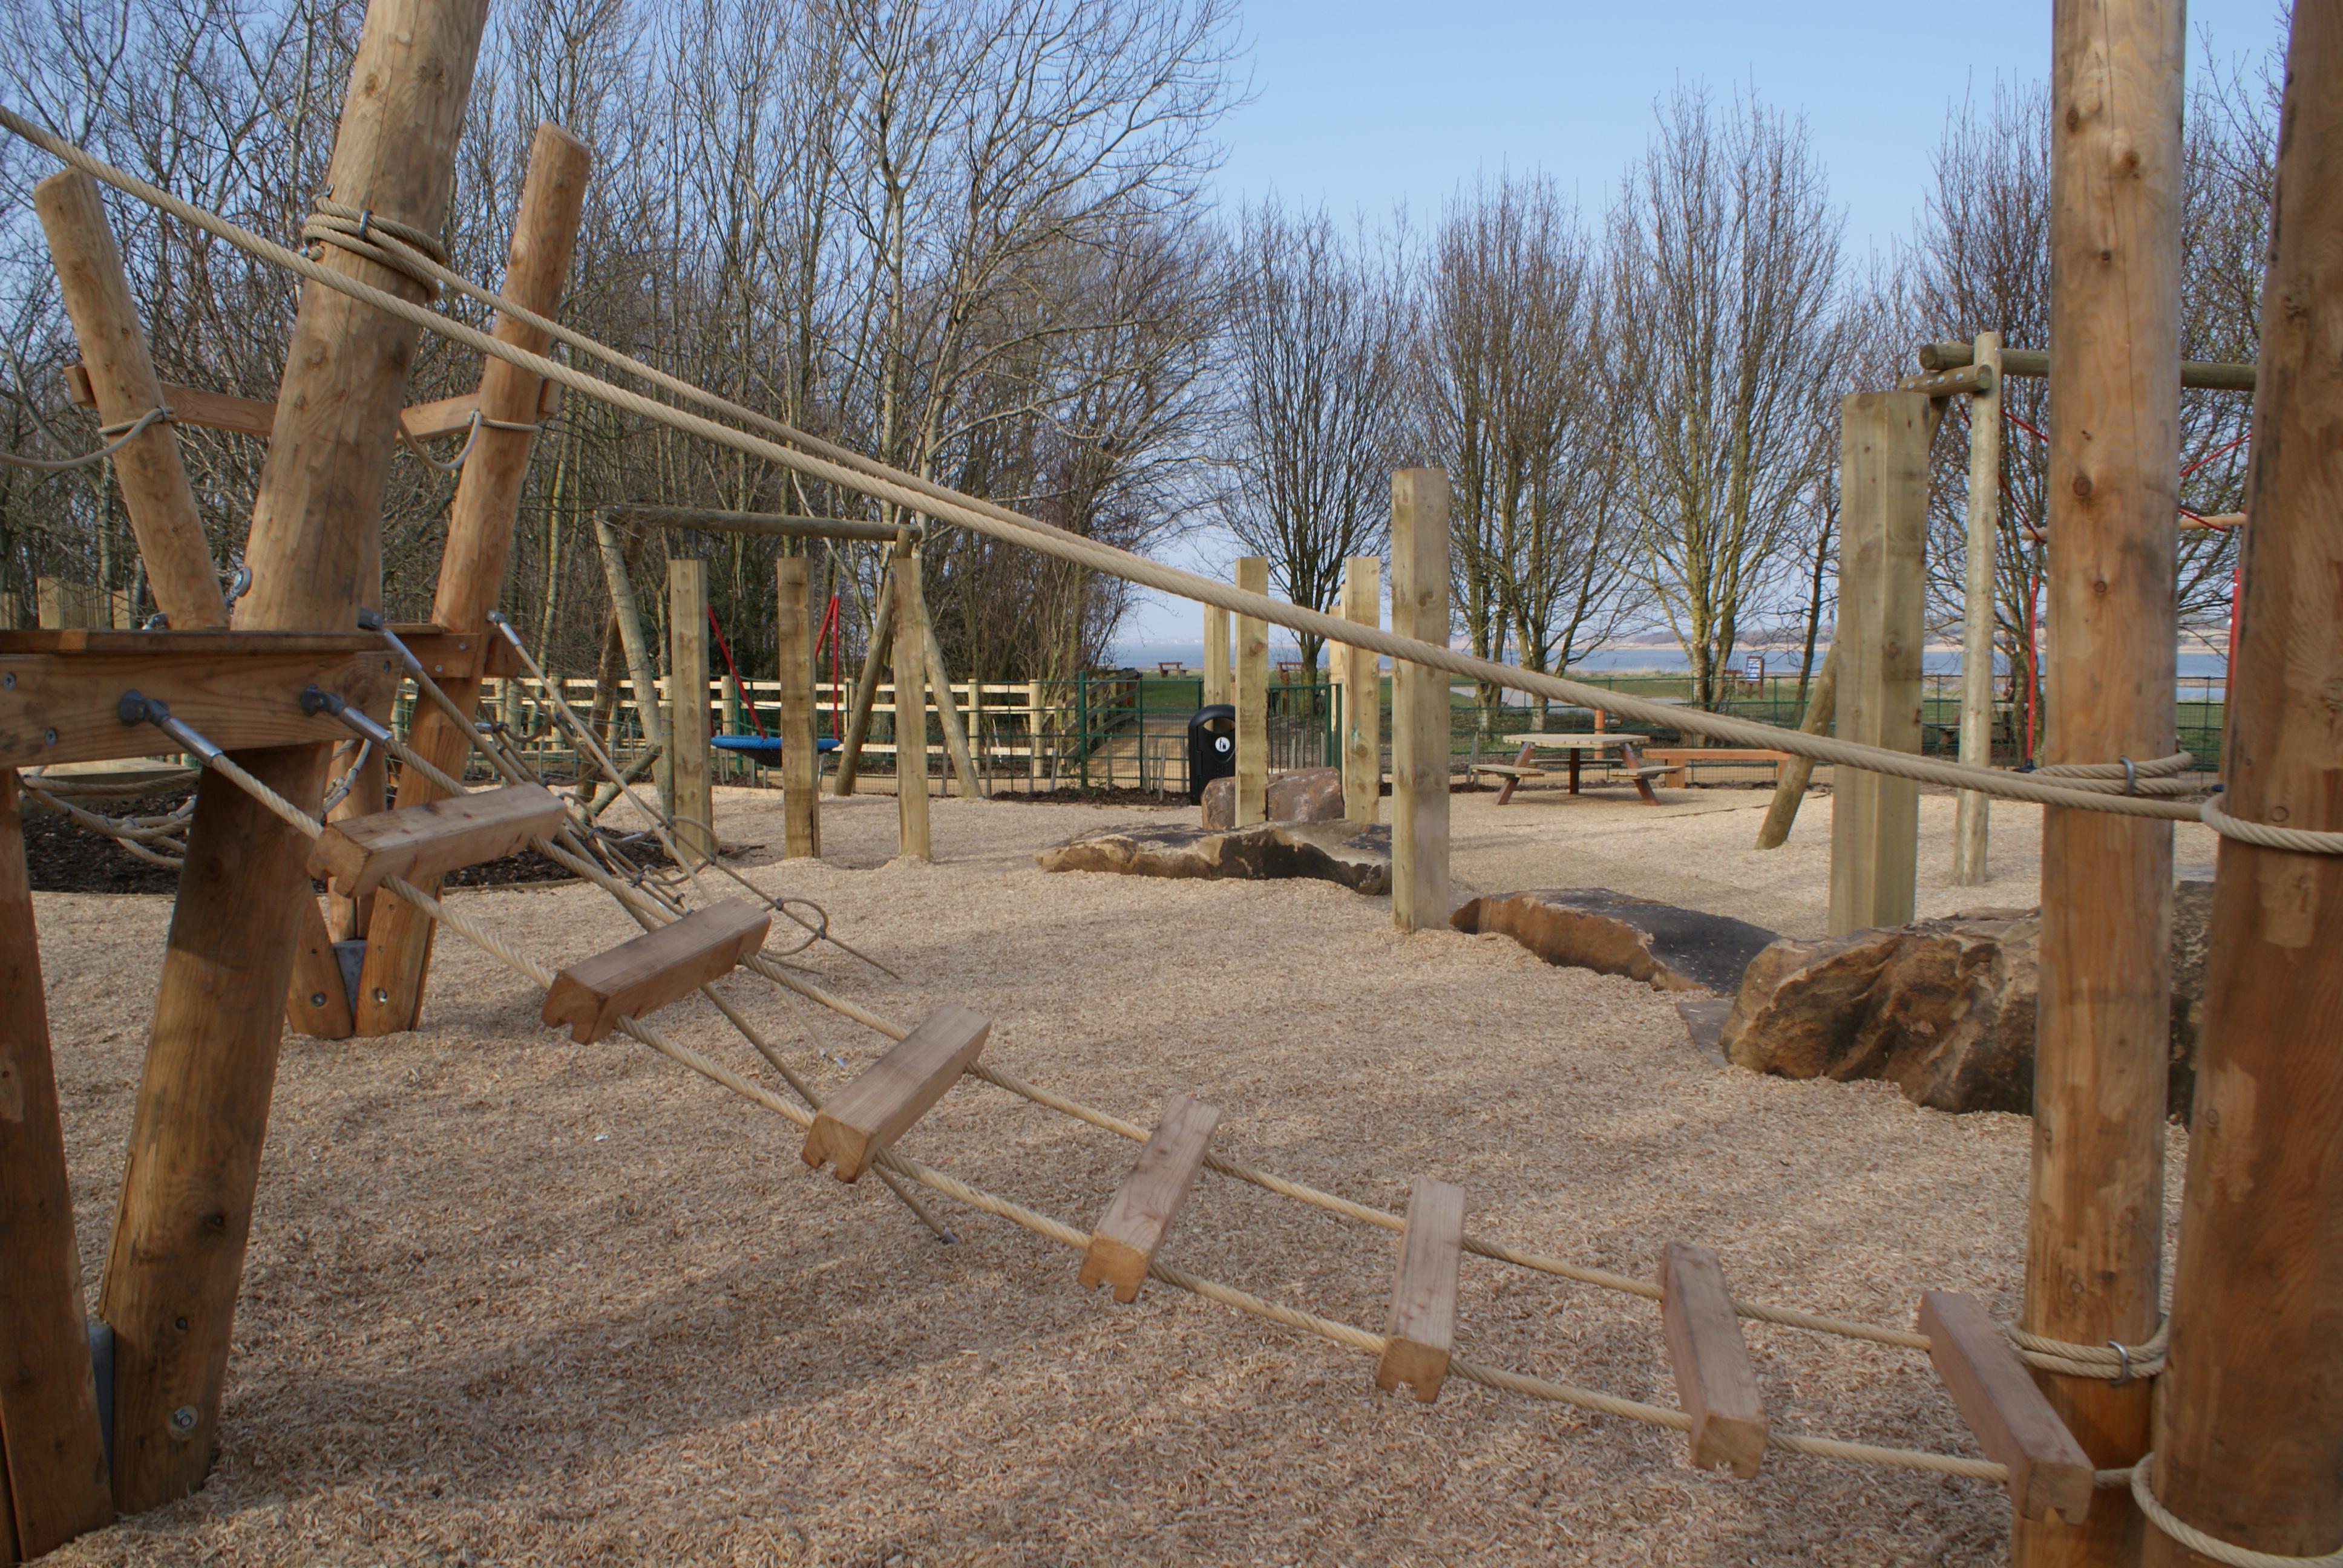 Wyre estuary country park play area